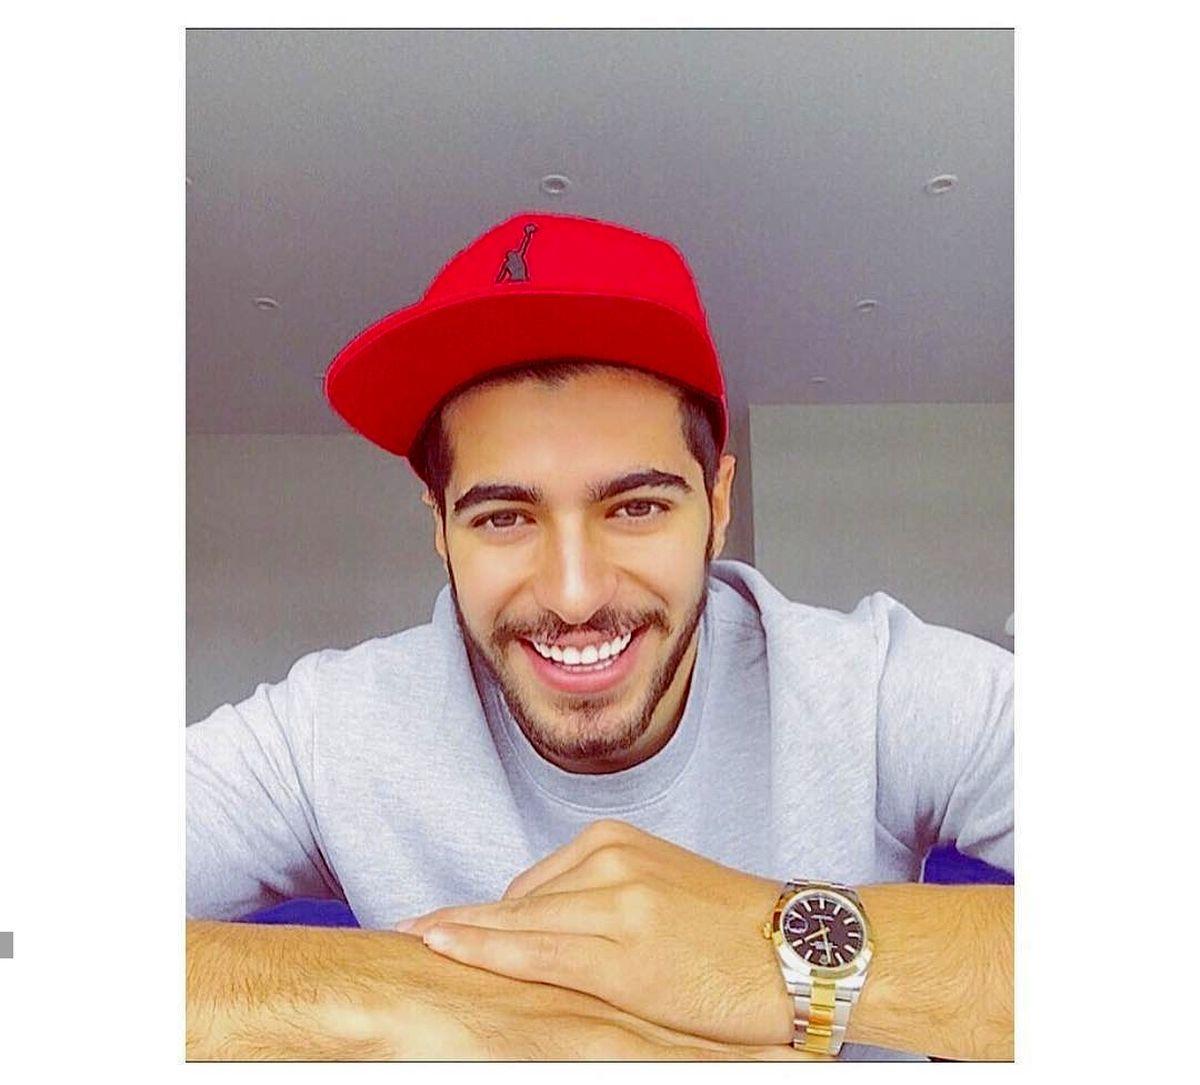 بیوگرافی سعید عزت اللهی فوتبالیست ایرانی + تصاویر جدید